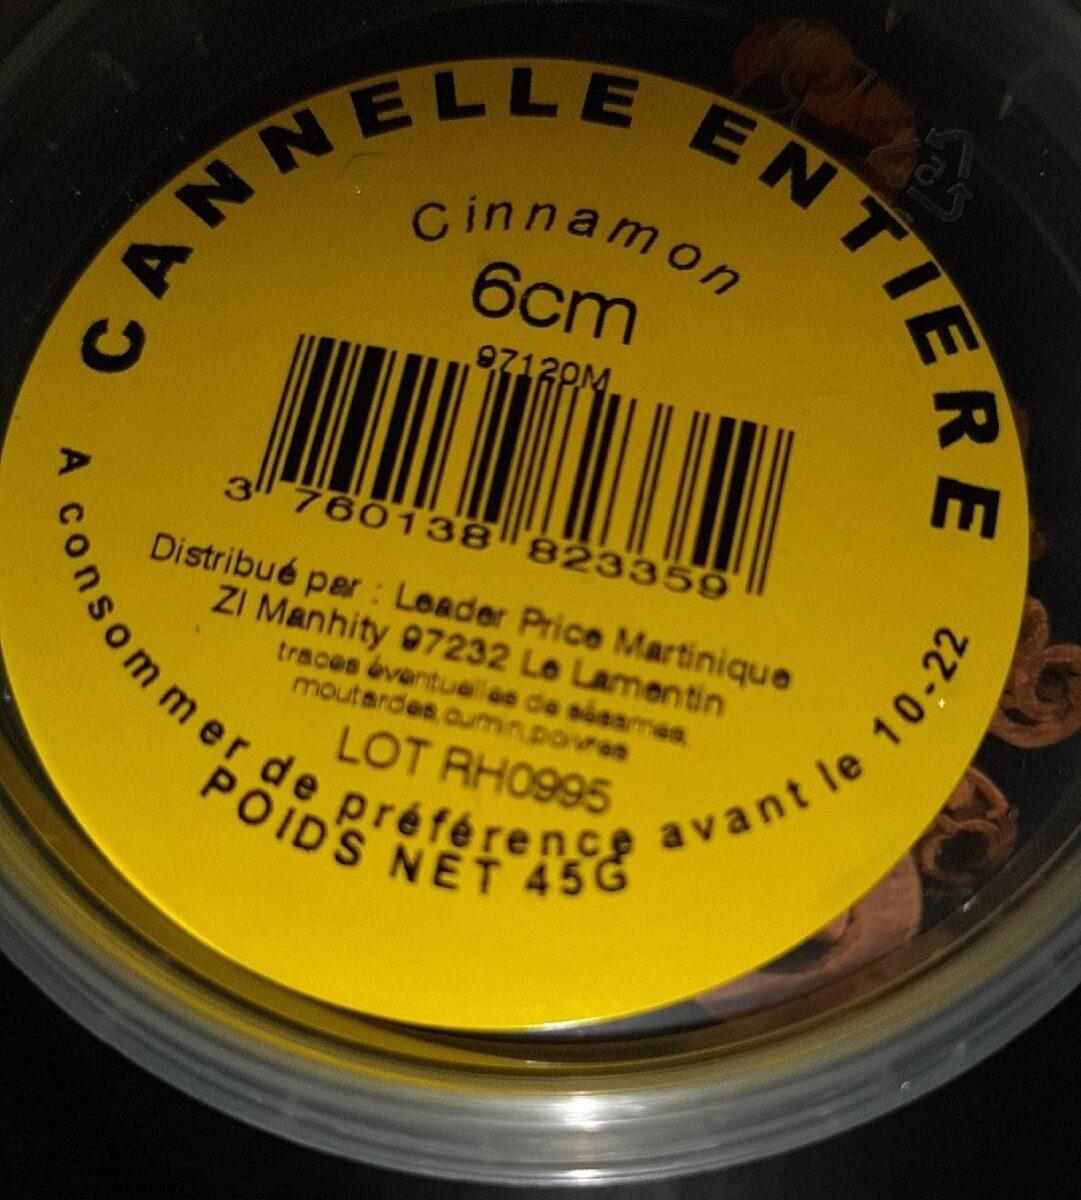 Les bonnes épices  cannelle entière - Informations nutritionnelles - fr